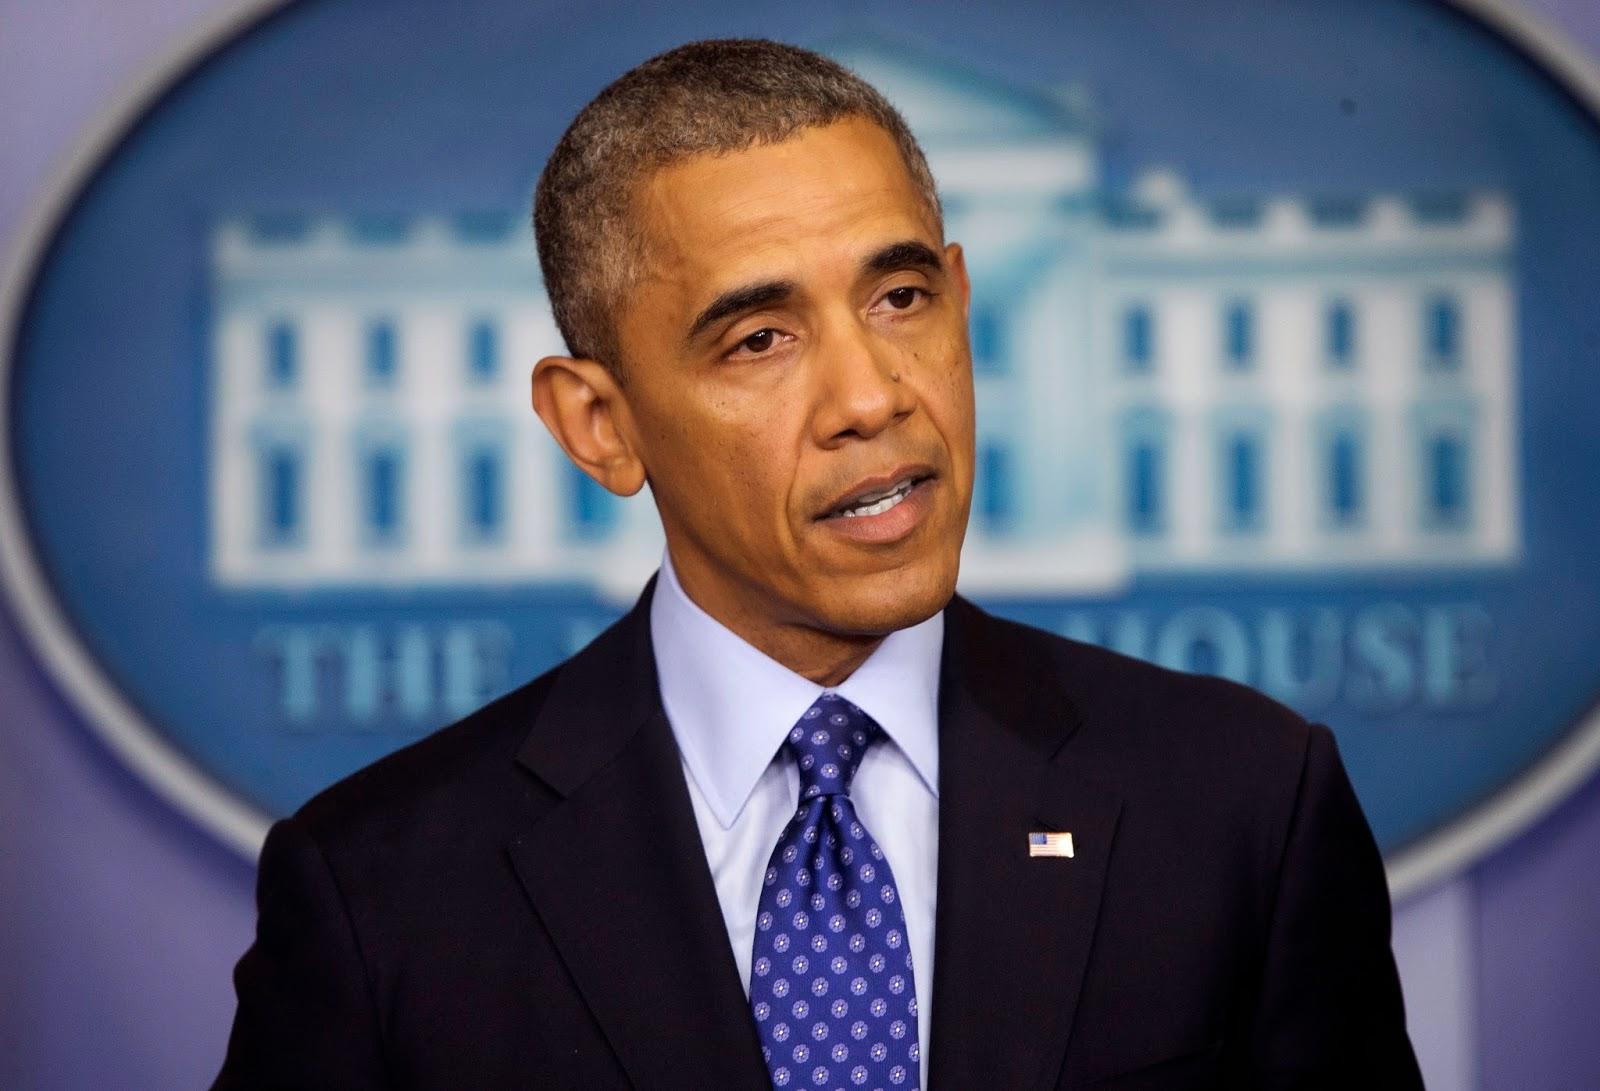 Photo of President Obama